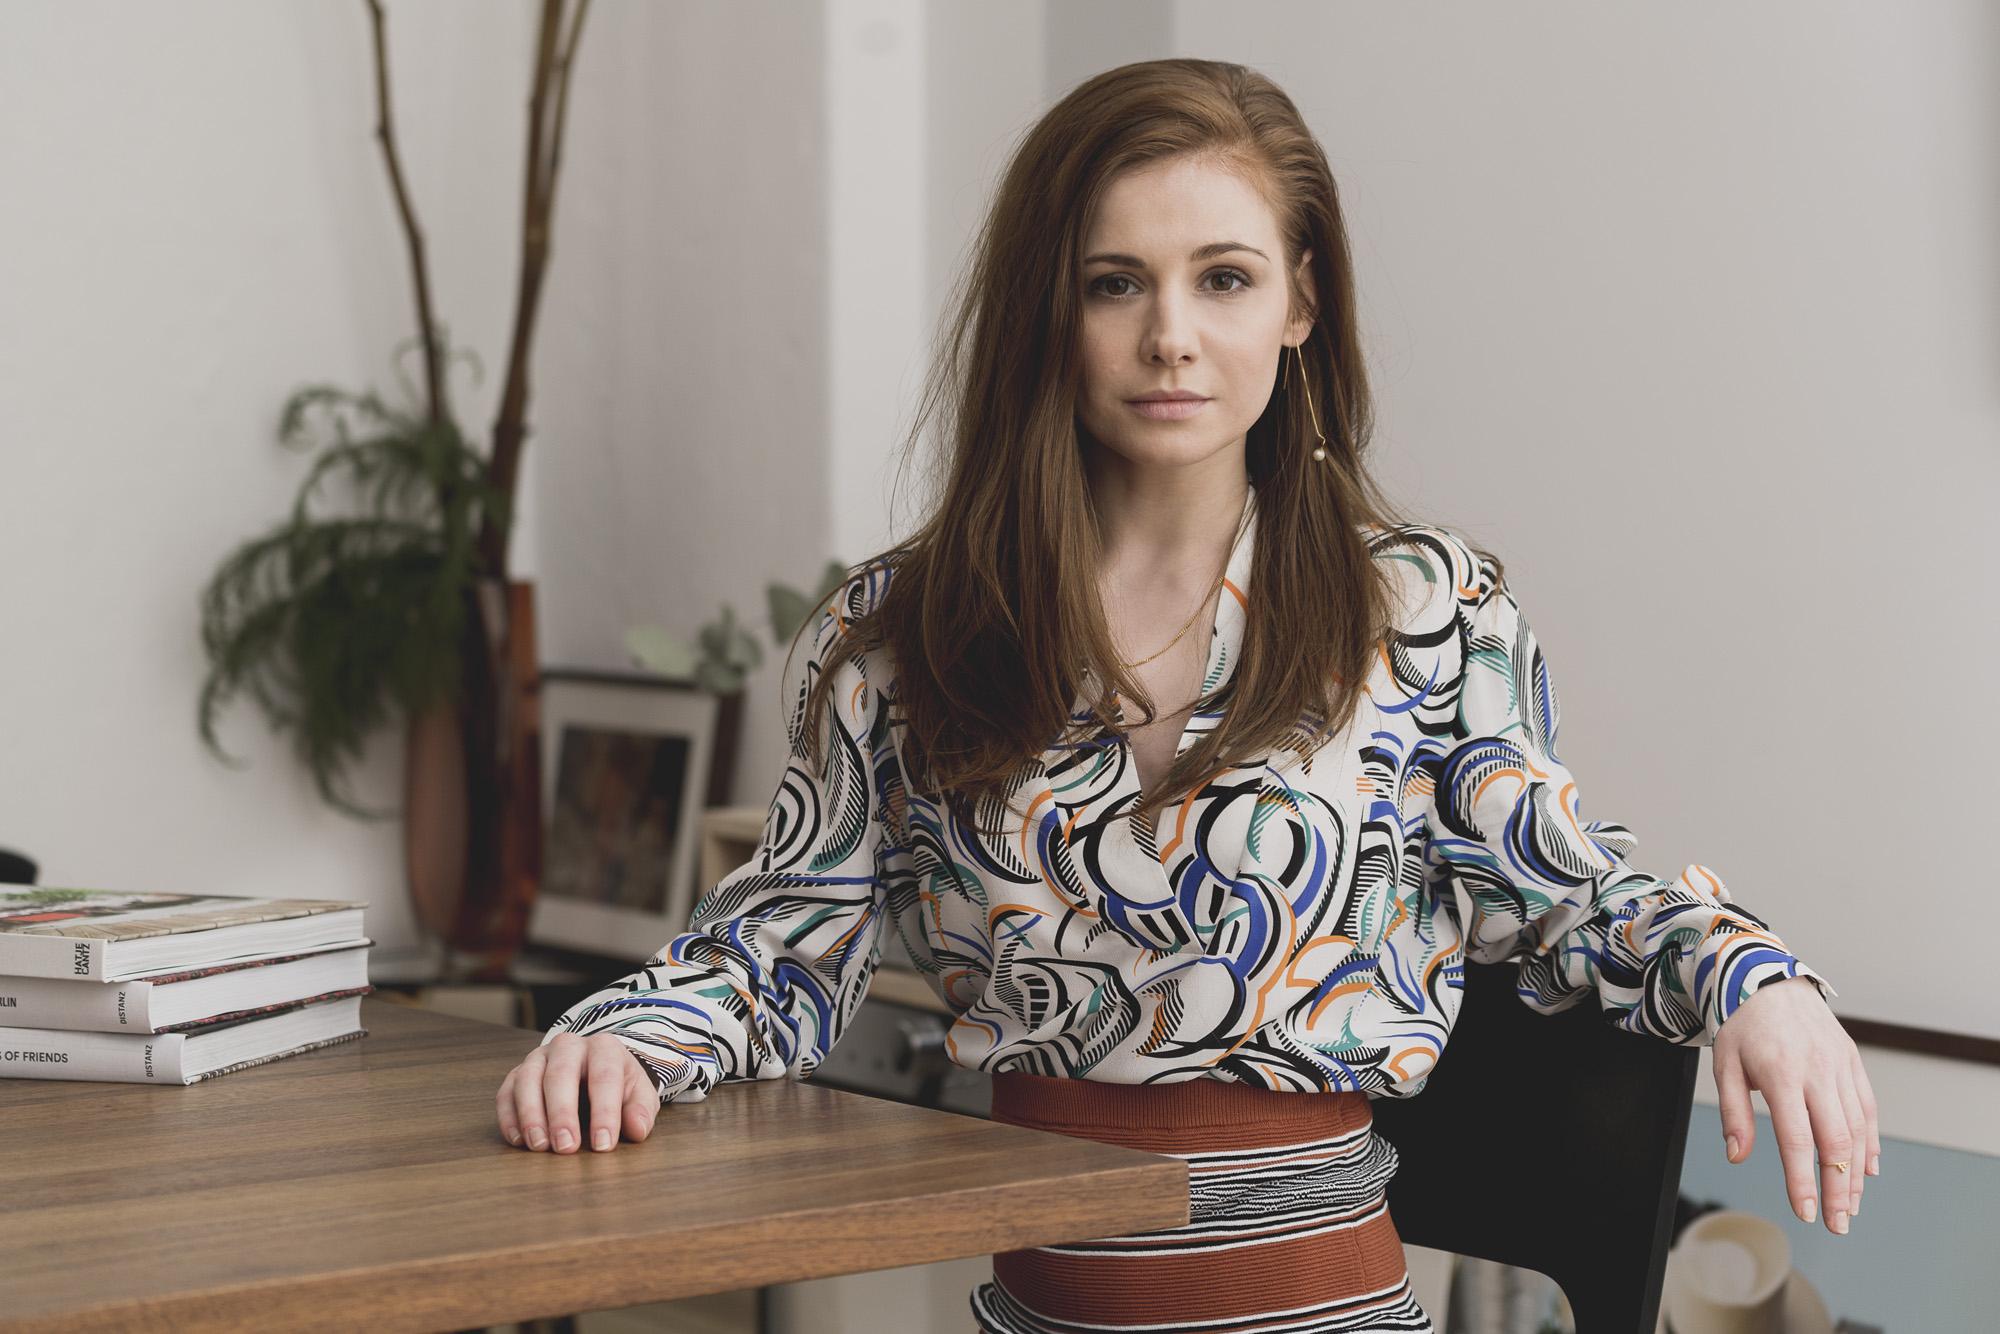 Josefine Preuß, Schauspielerin für BUNTE